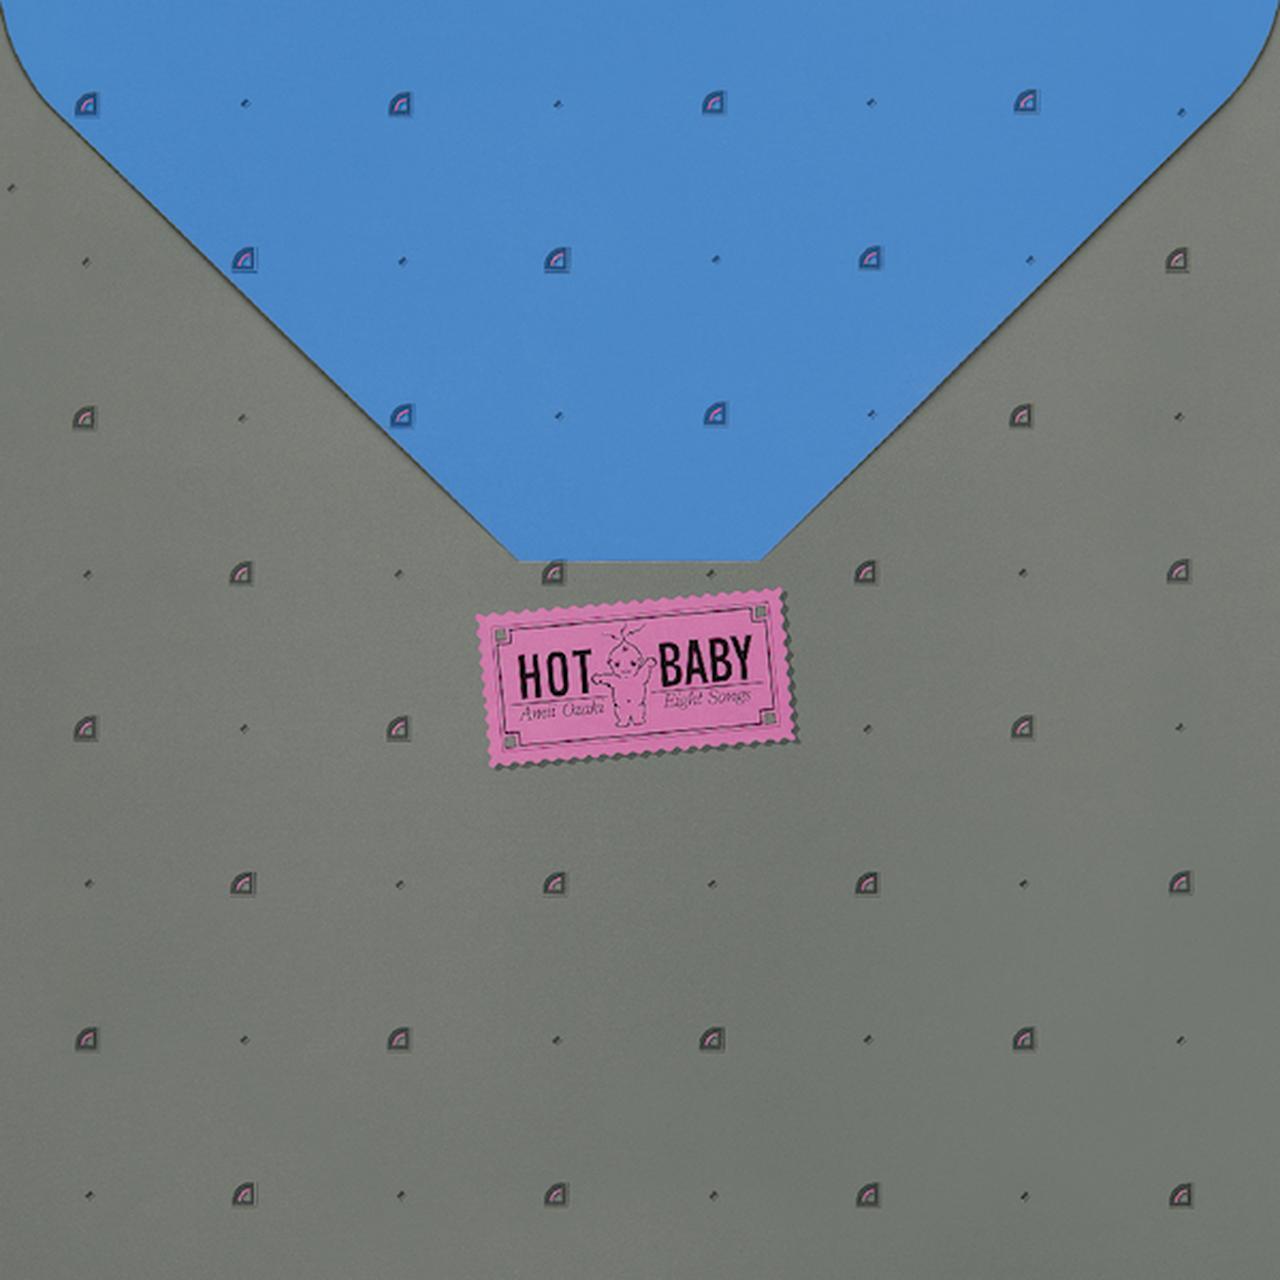 画像: HOT BABY 3,500円+税 [SSMS020] 初回リリース:1981年 - 1.Love Is Easy 2.身体に残るワイン 3.キャッツ アイ 4.限りない憎しみの果てに ~花が咲いたよ~ 5.Angela 6.Prism Train 7.Wanderer In Love 8.蒼夜曲~セレナーデ